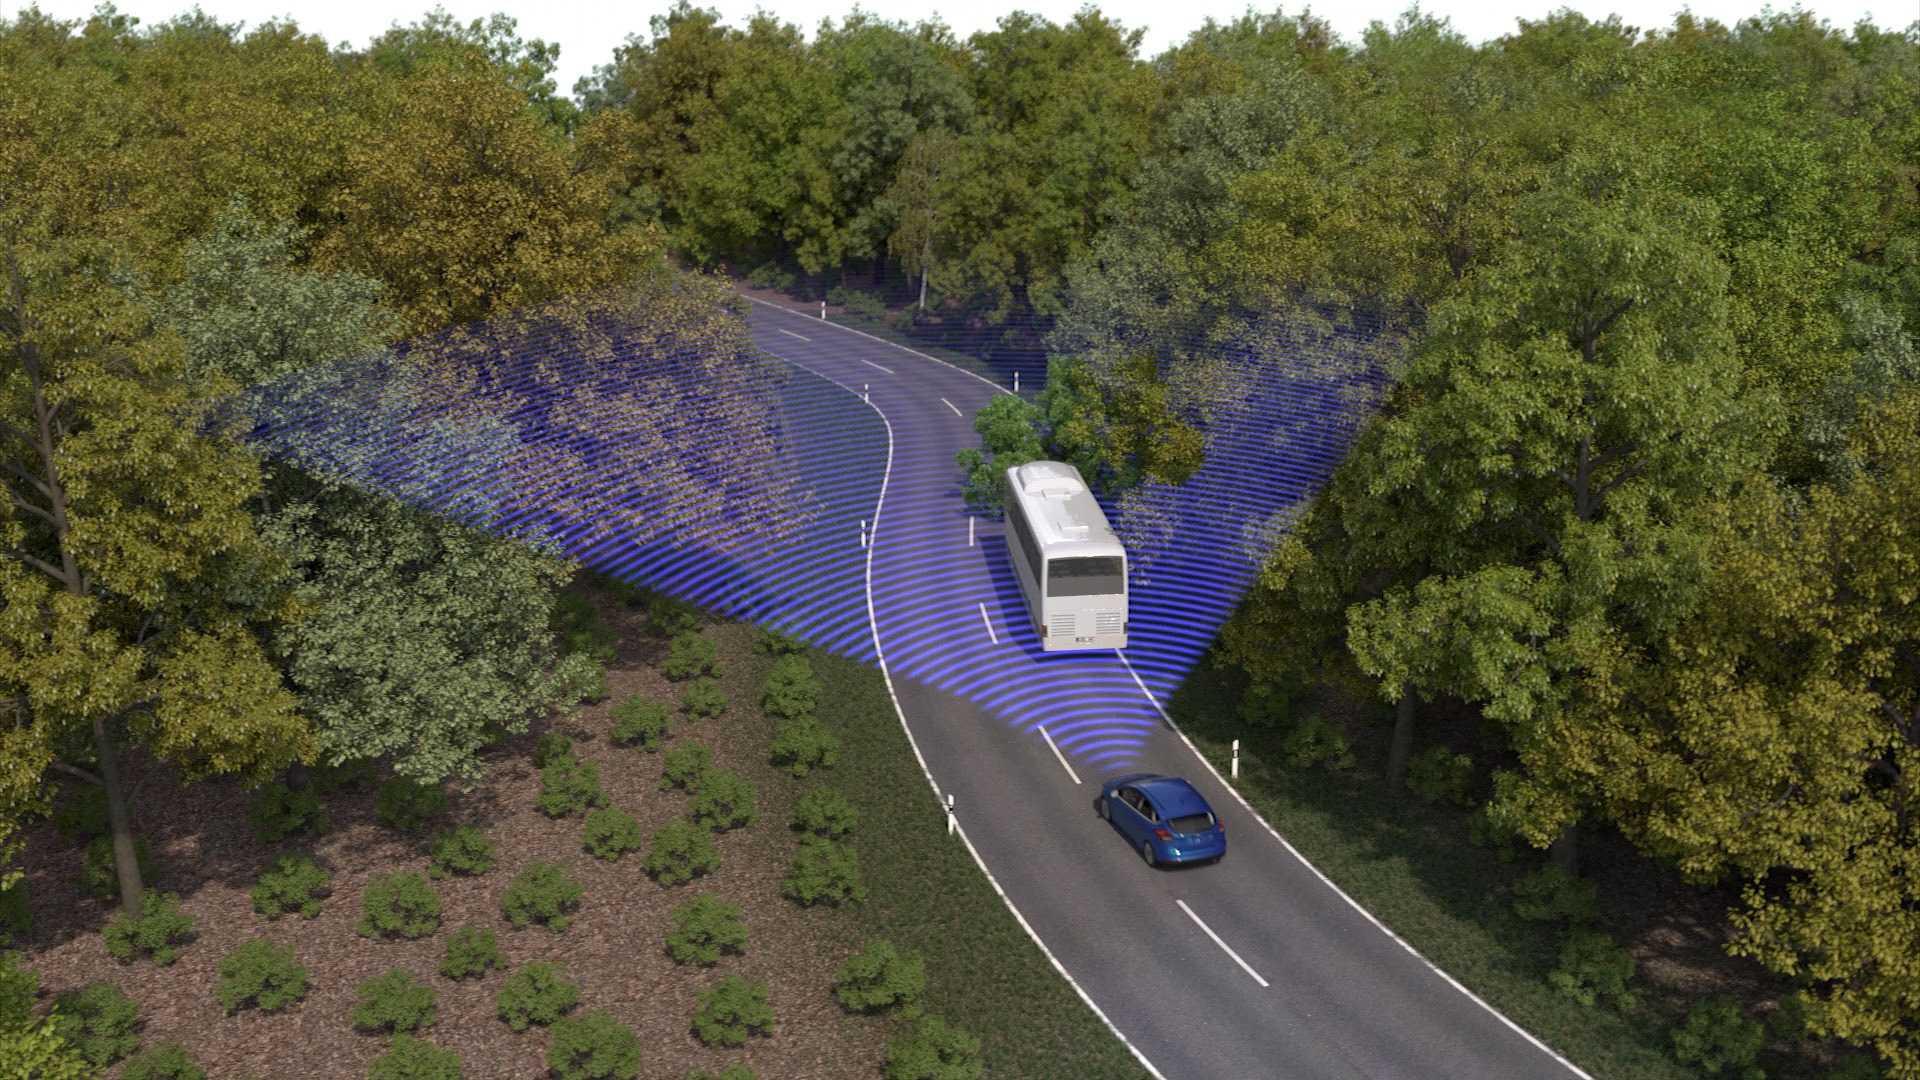 Особенности дорожного движения в странах европы  |  grand voyage особенности дорожного движения в странах европы